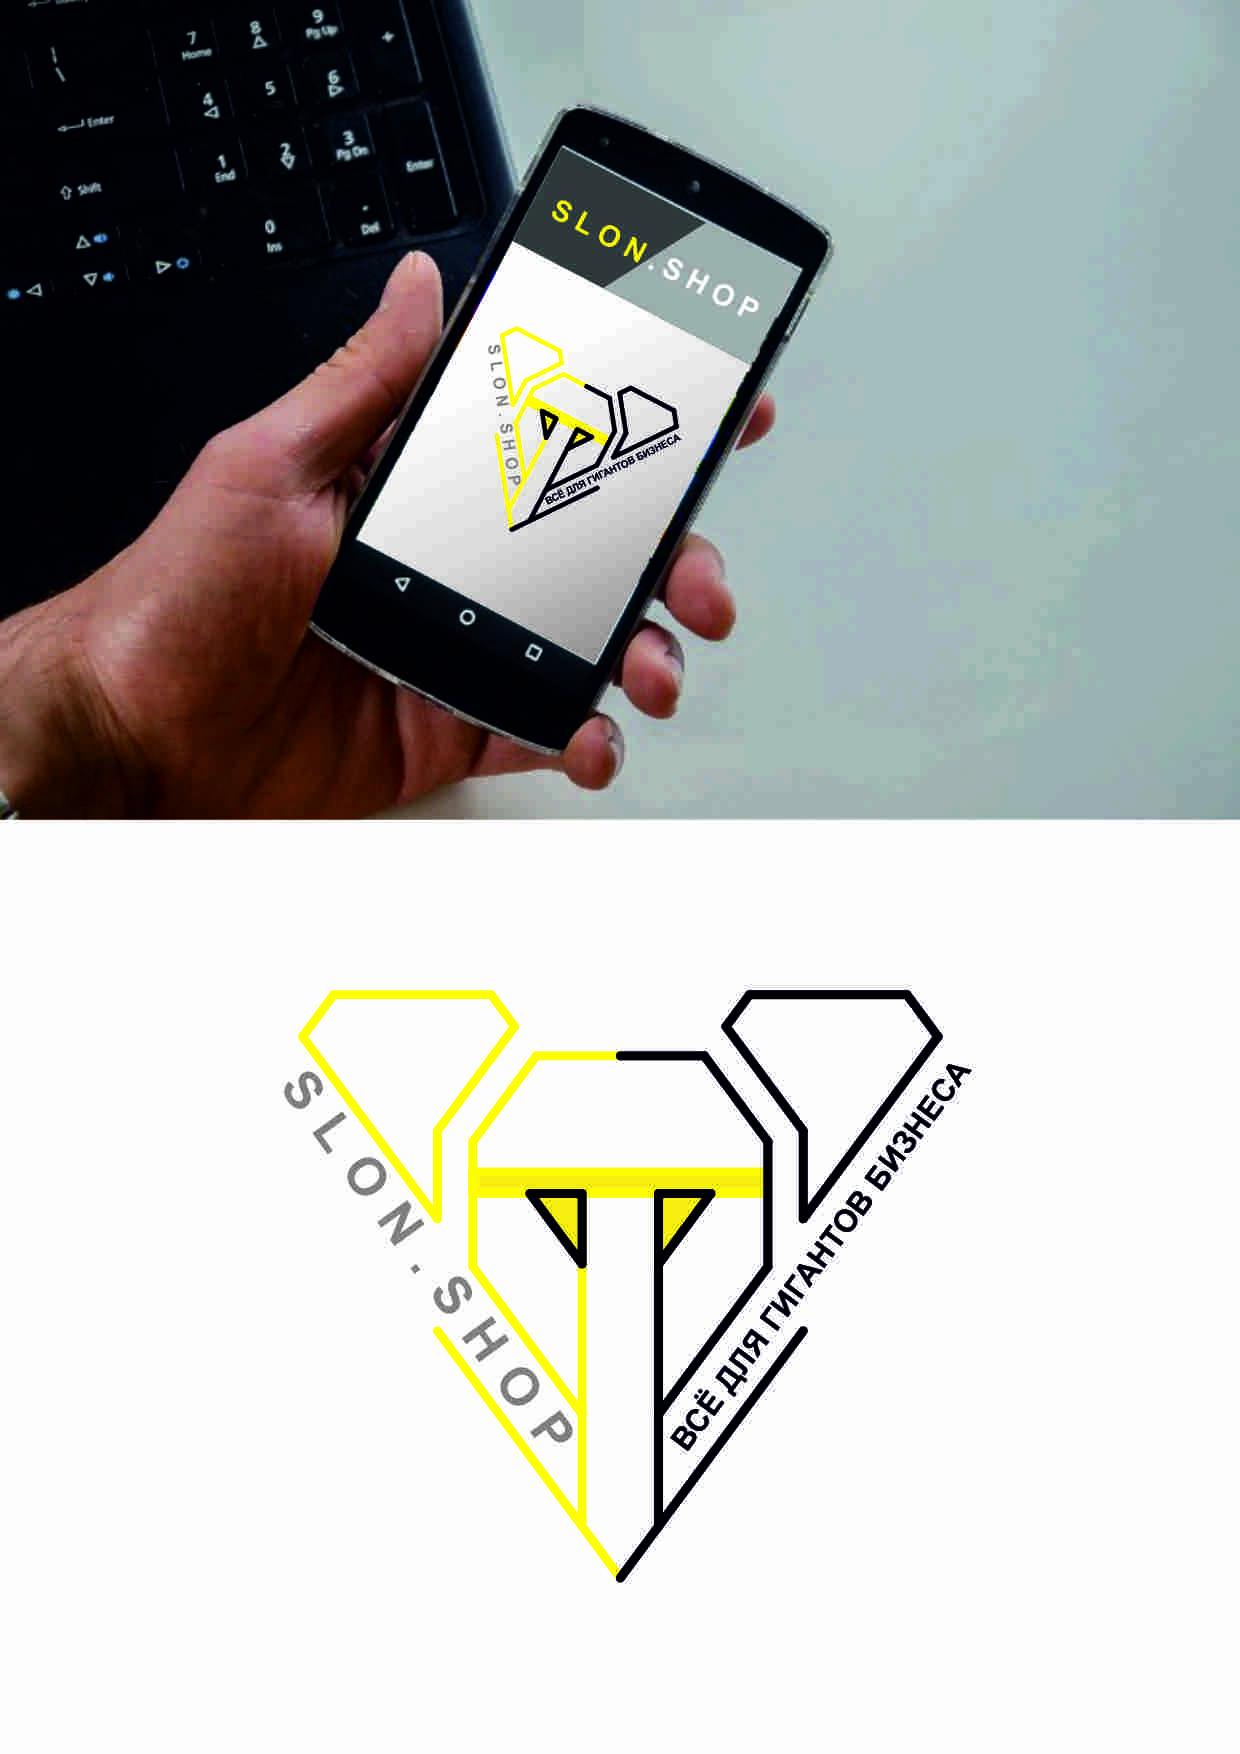 Разработать логотип и фирменный стиль интернет-магазина  фото f_2975991fed141852.jpg